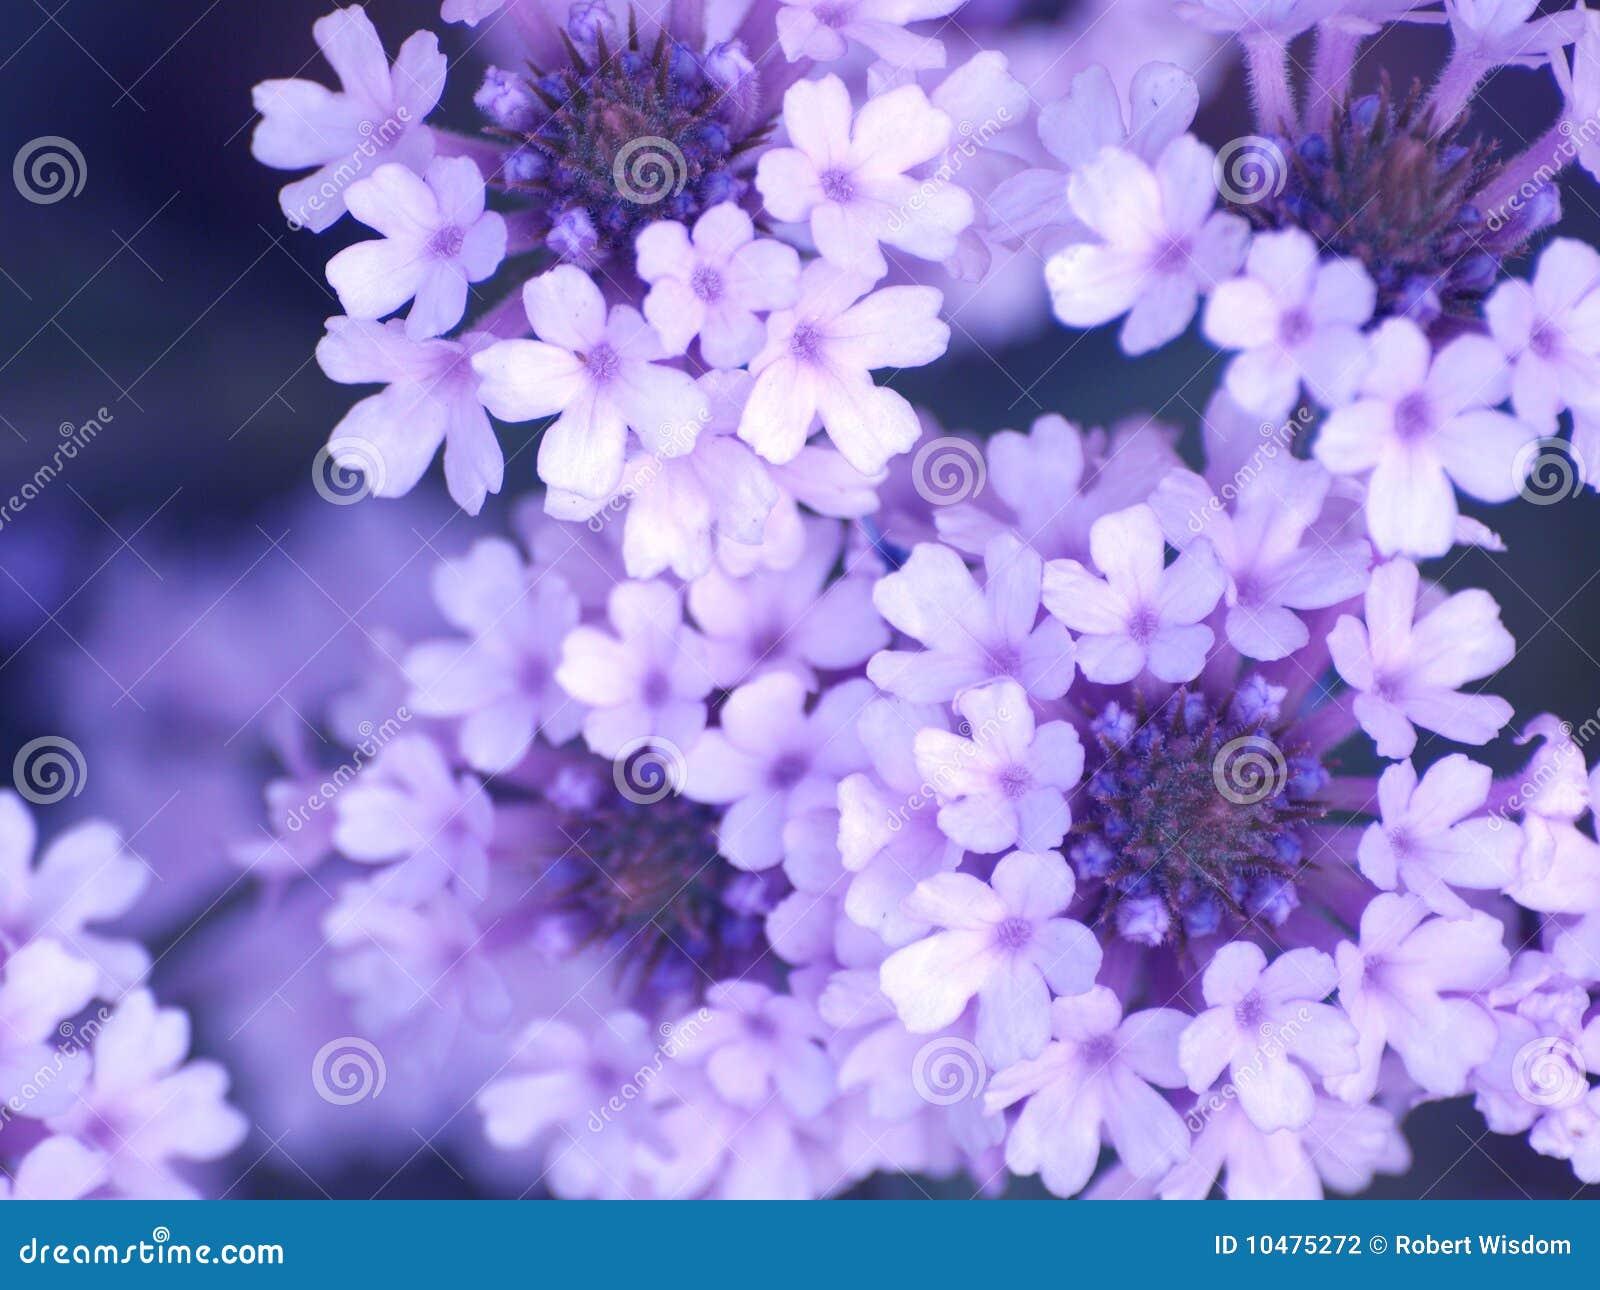 Fiori Lilla.Fiori Lilla Fotografia Stock Immagine Di Lilla Petali 10475272